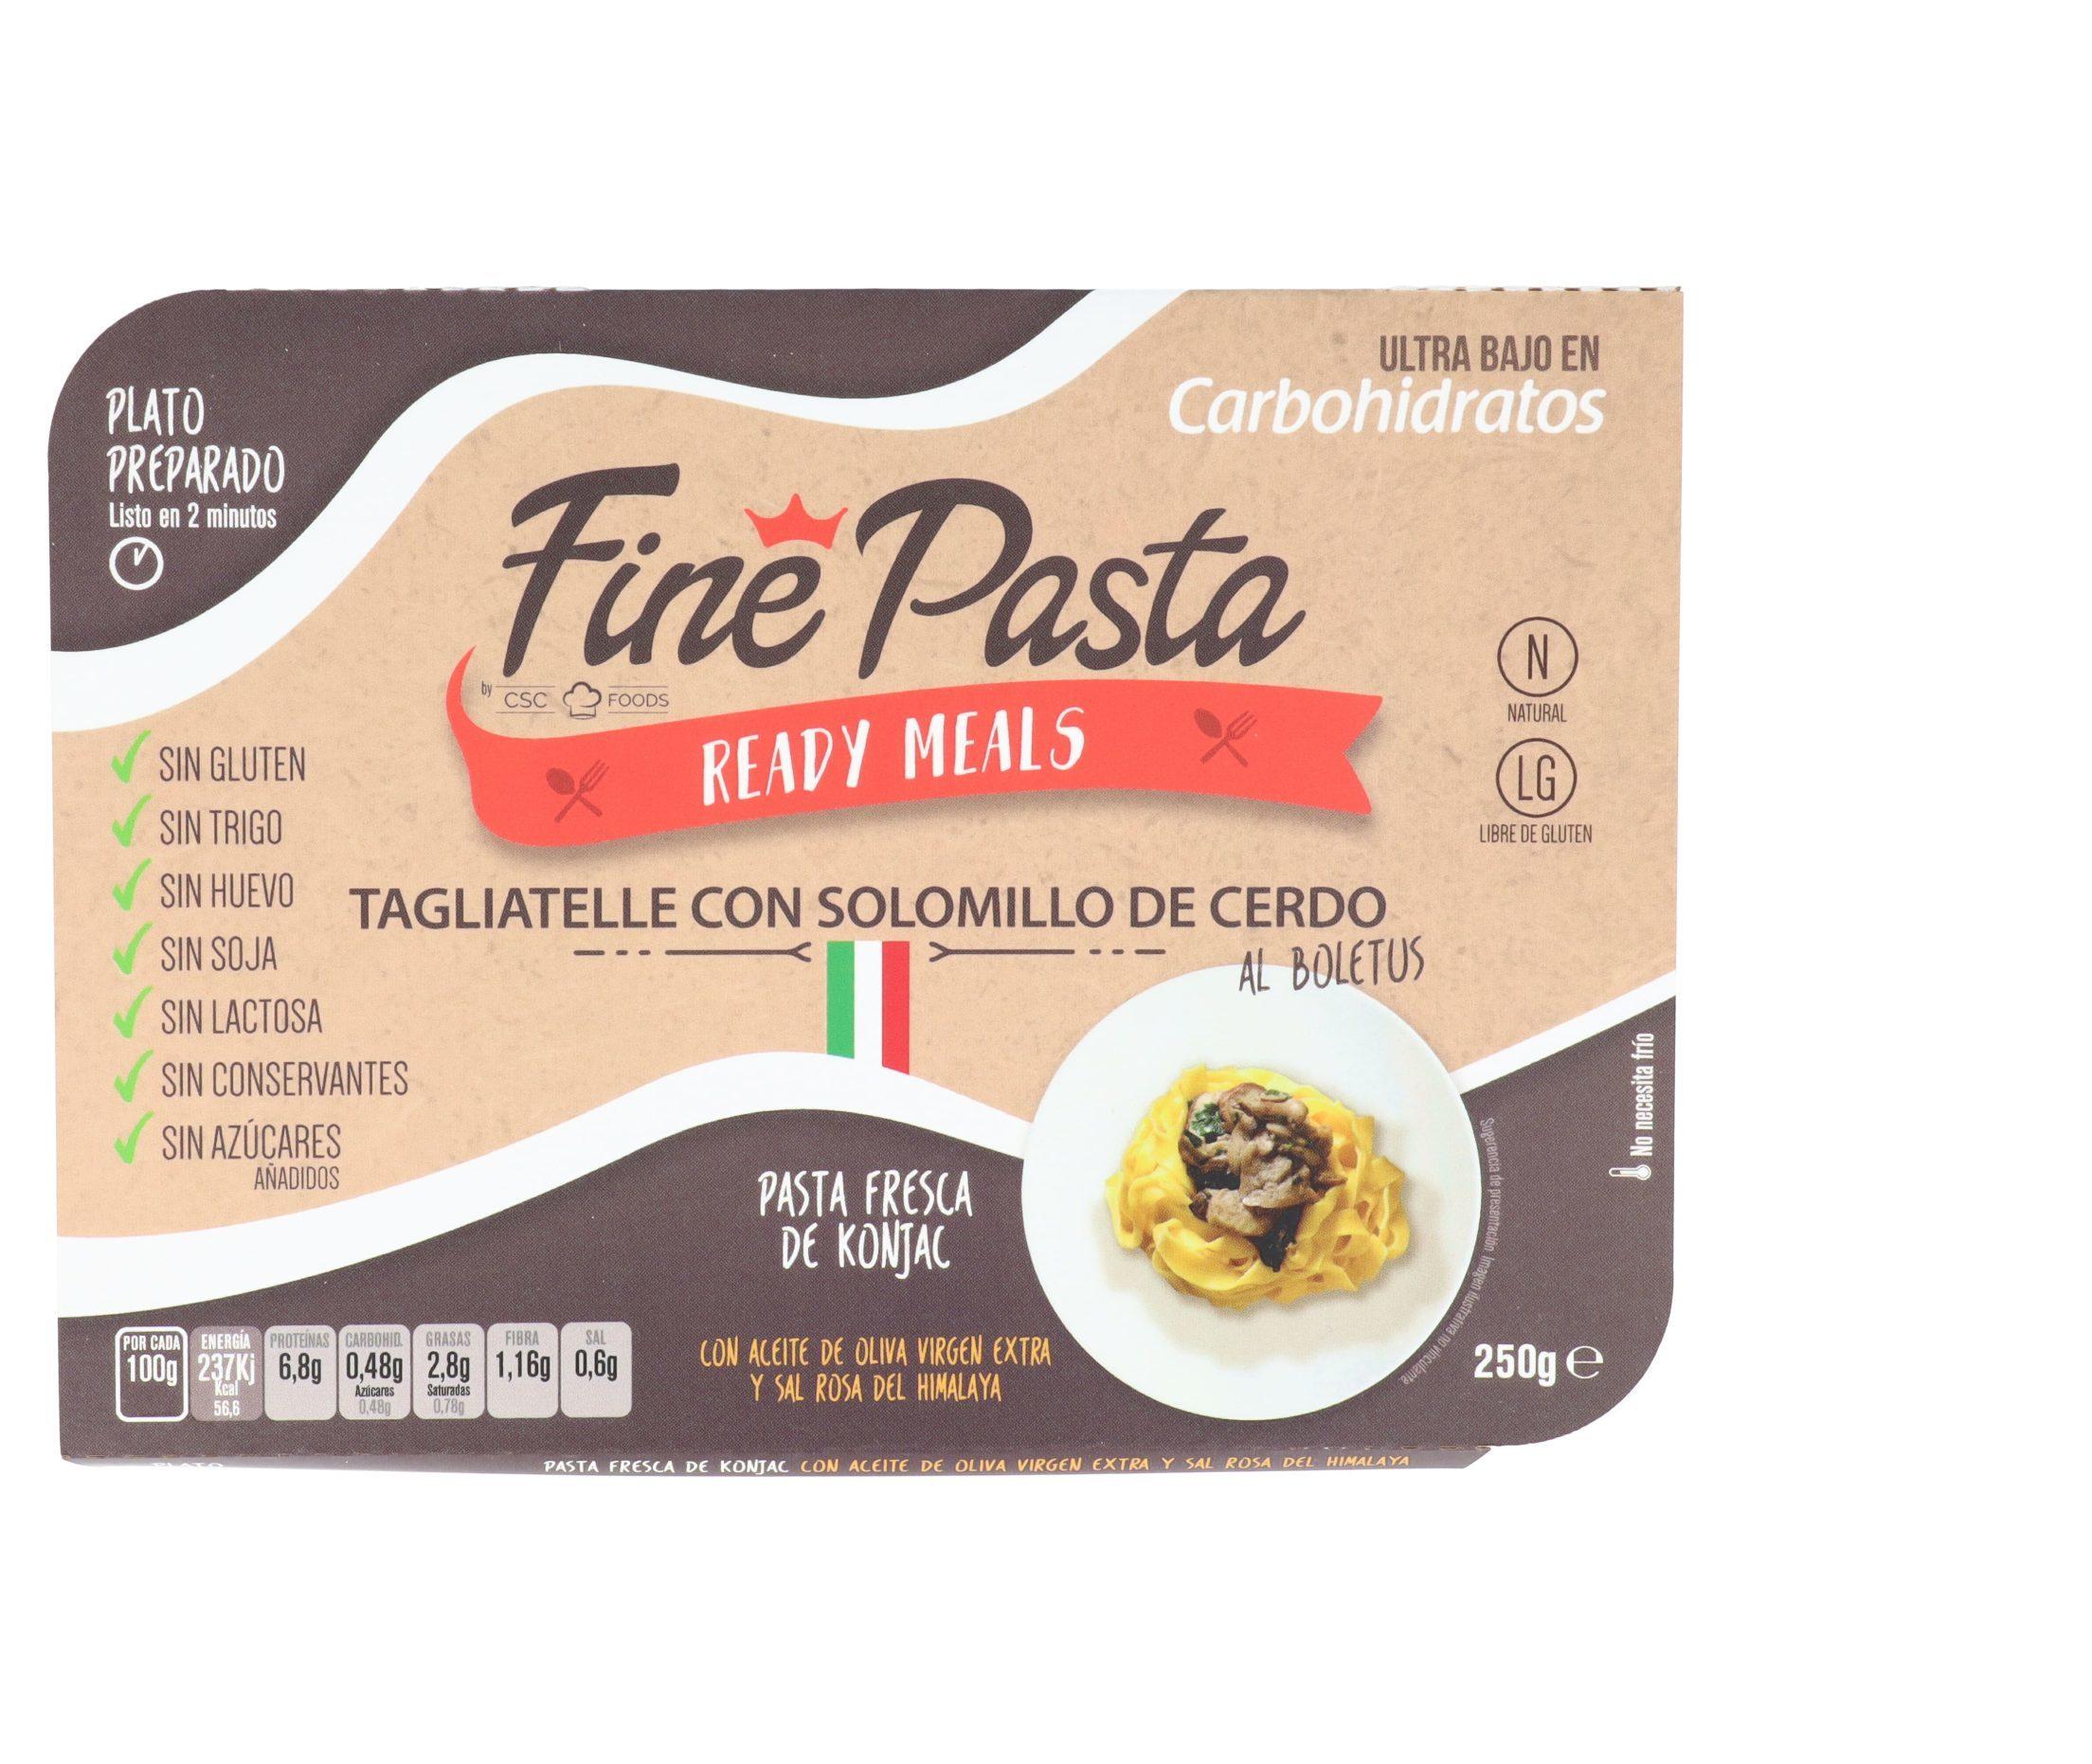 Tagliatelle con Solomillo de Cerdo Fine Pasta